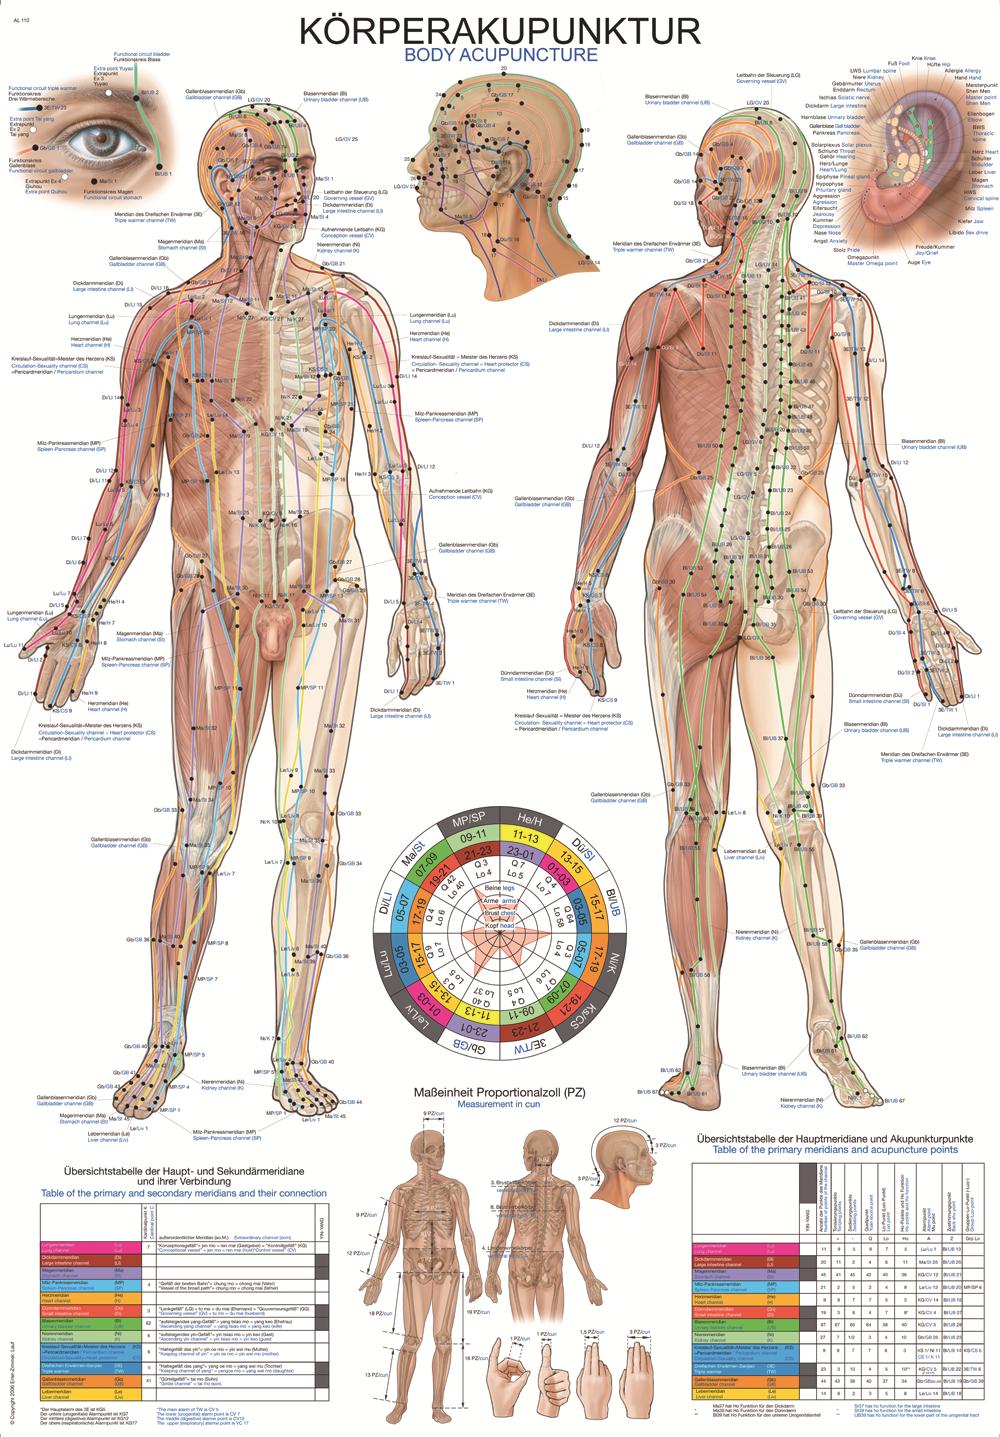 Gemütlich Bild Ihrer Anatomie Fotos - Menschliche Anatomie Bilder ...